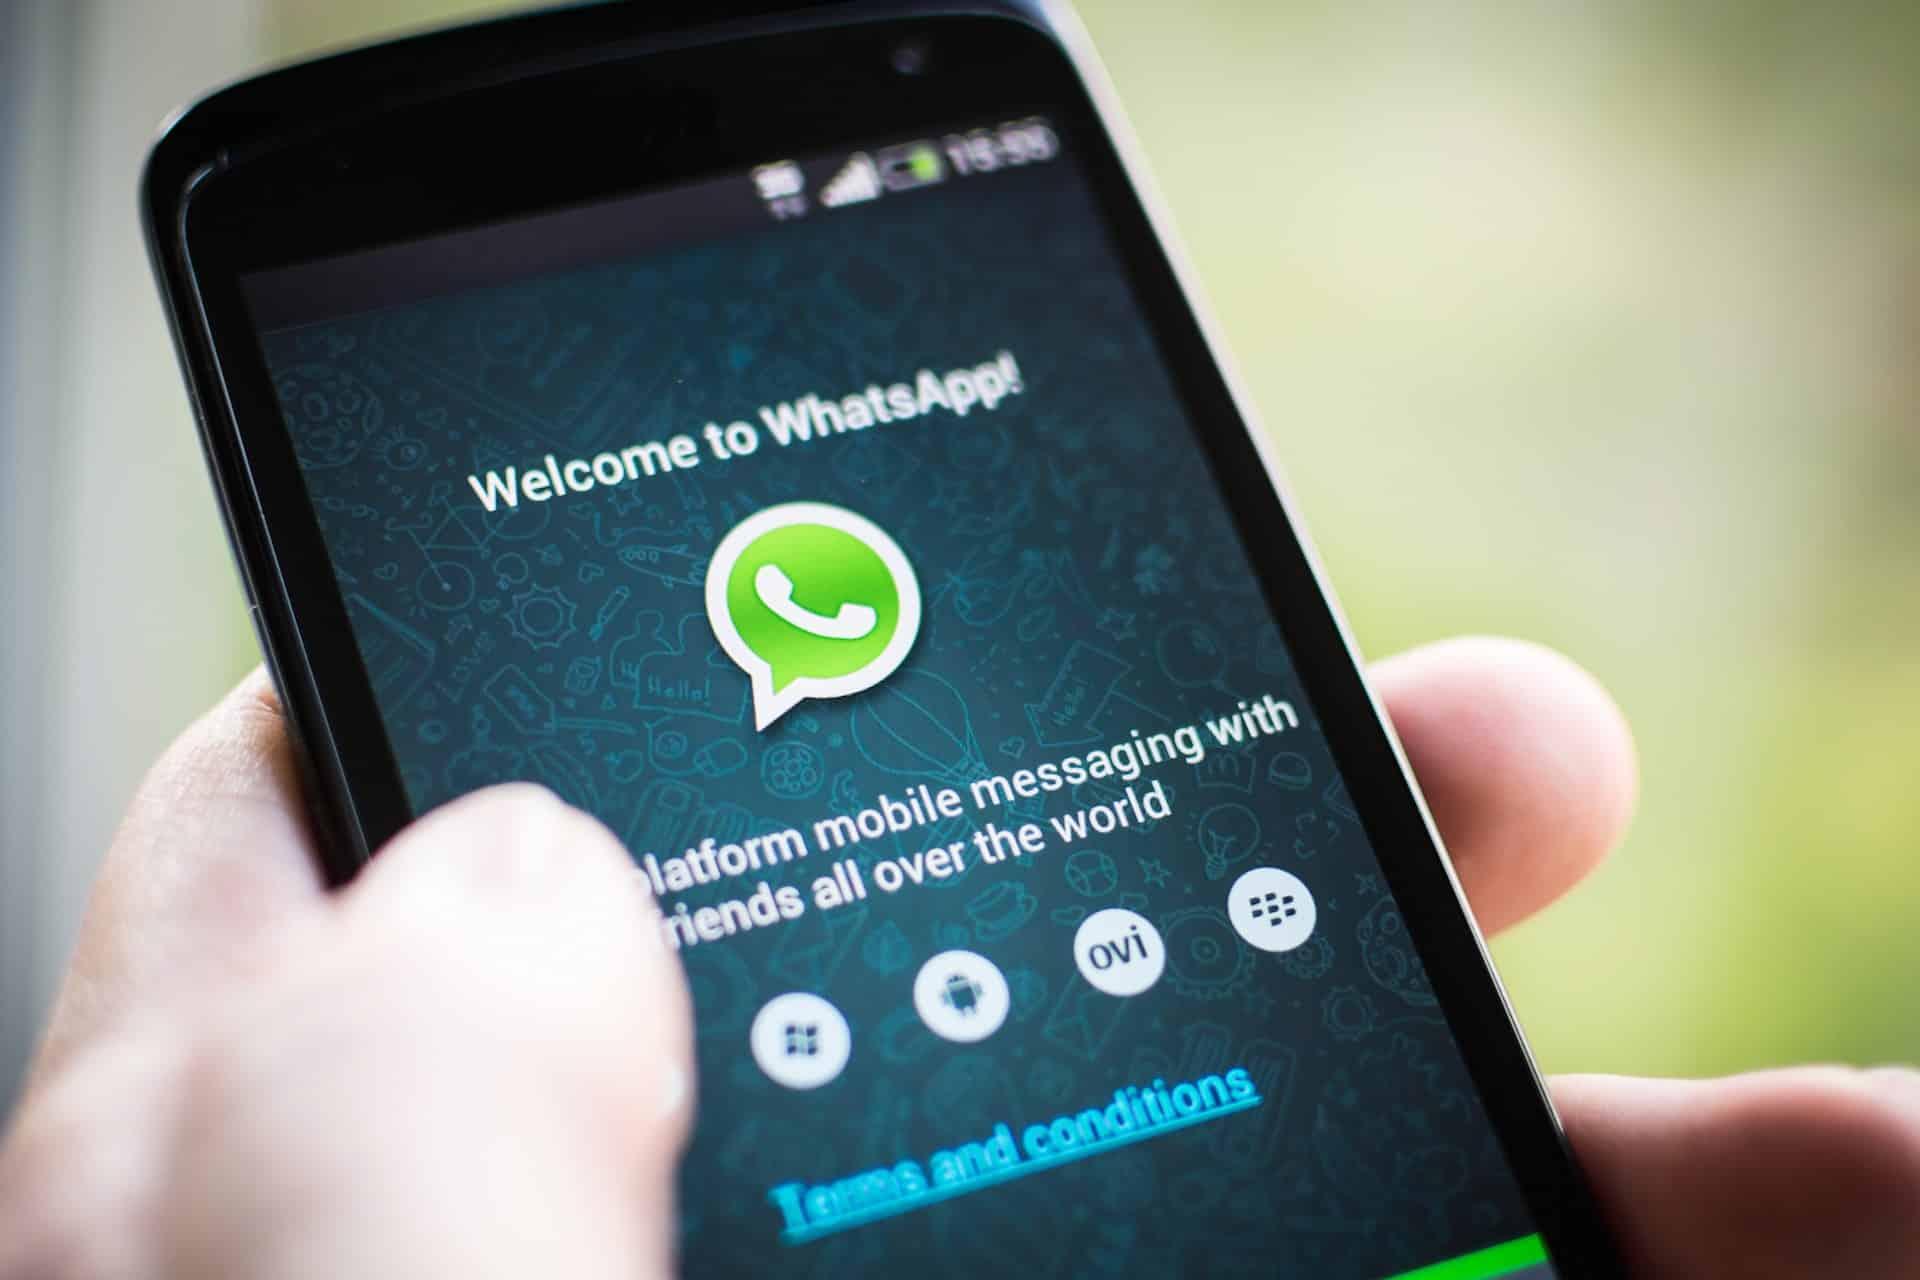 En WhatsApp dejaron claro que no agregarán otras aplicaciones a su servicio.